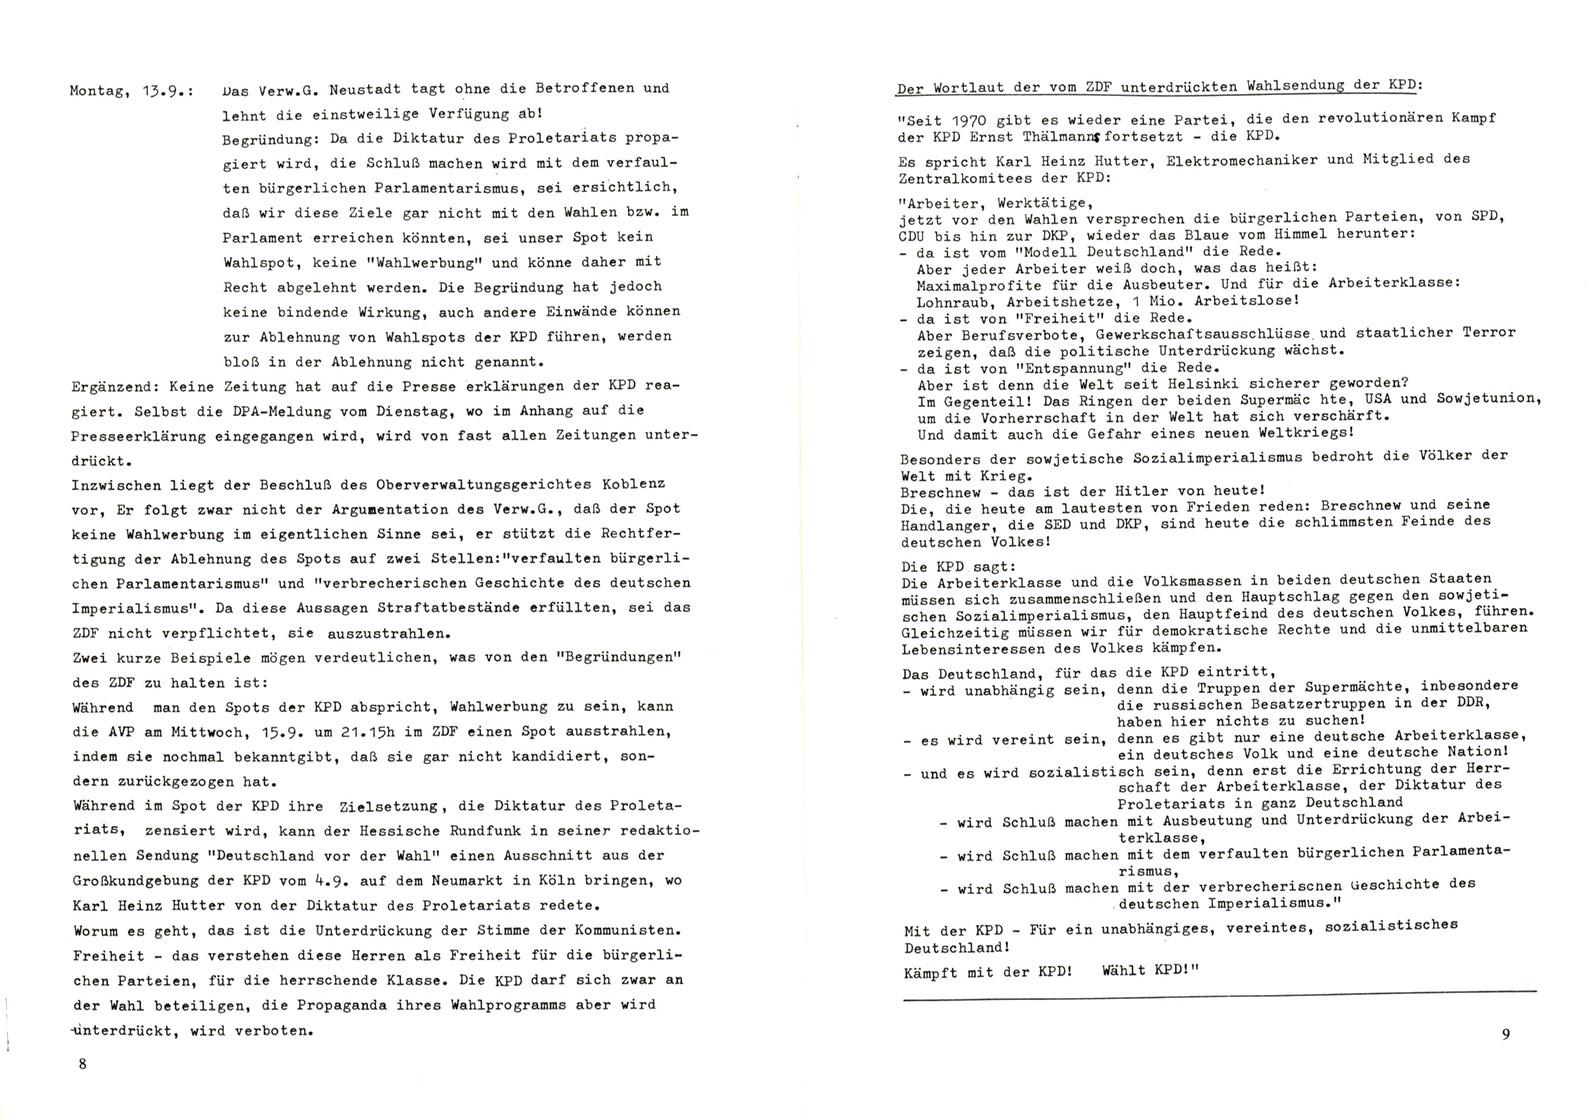 KPDAO_1976_Wahlbehinderungen_im_BTW_06